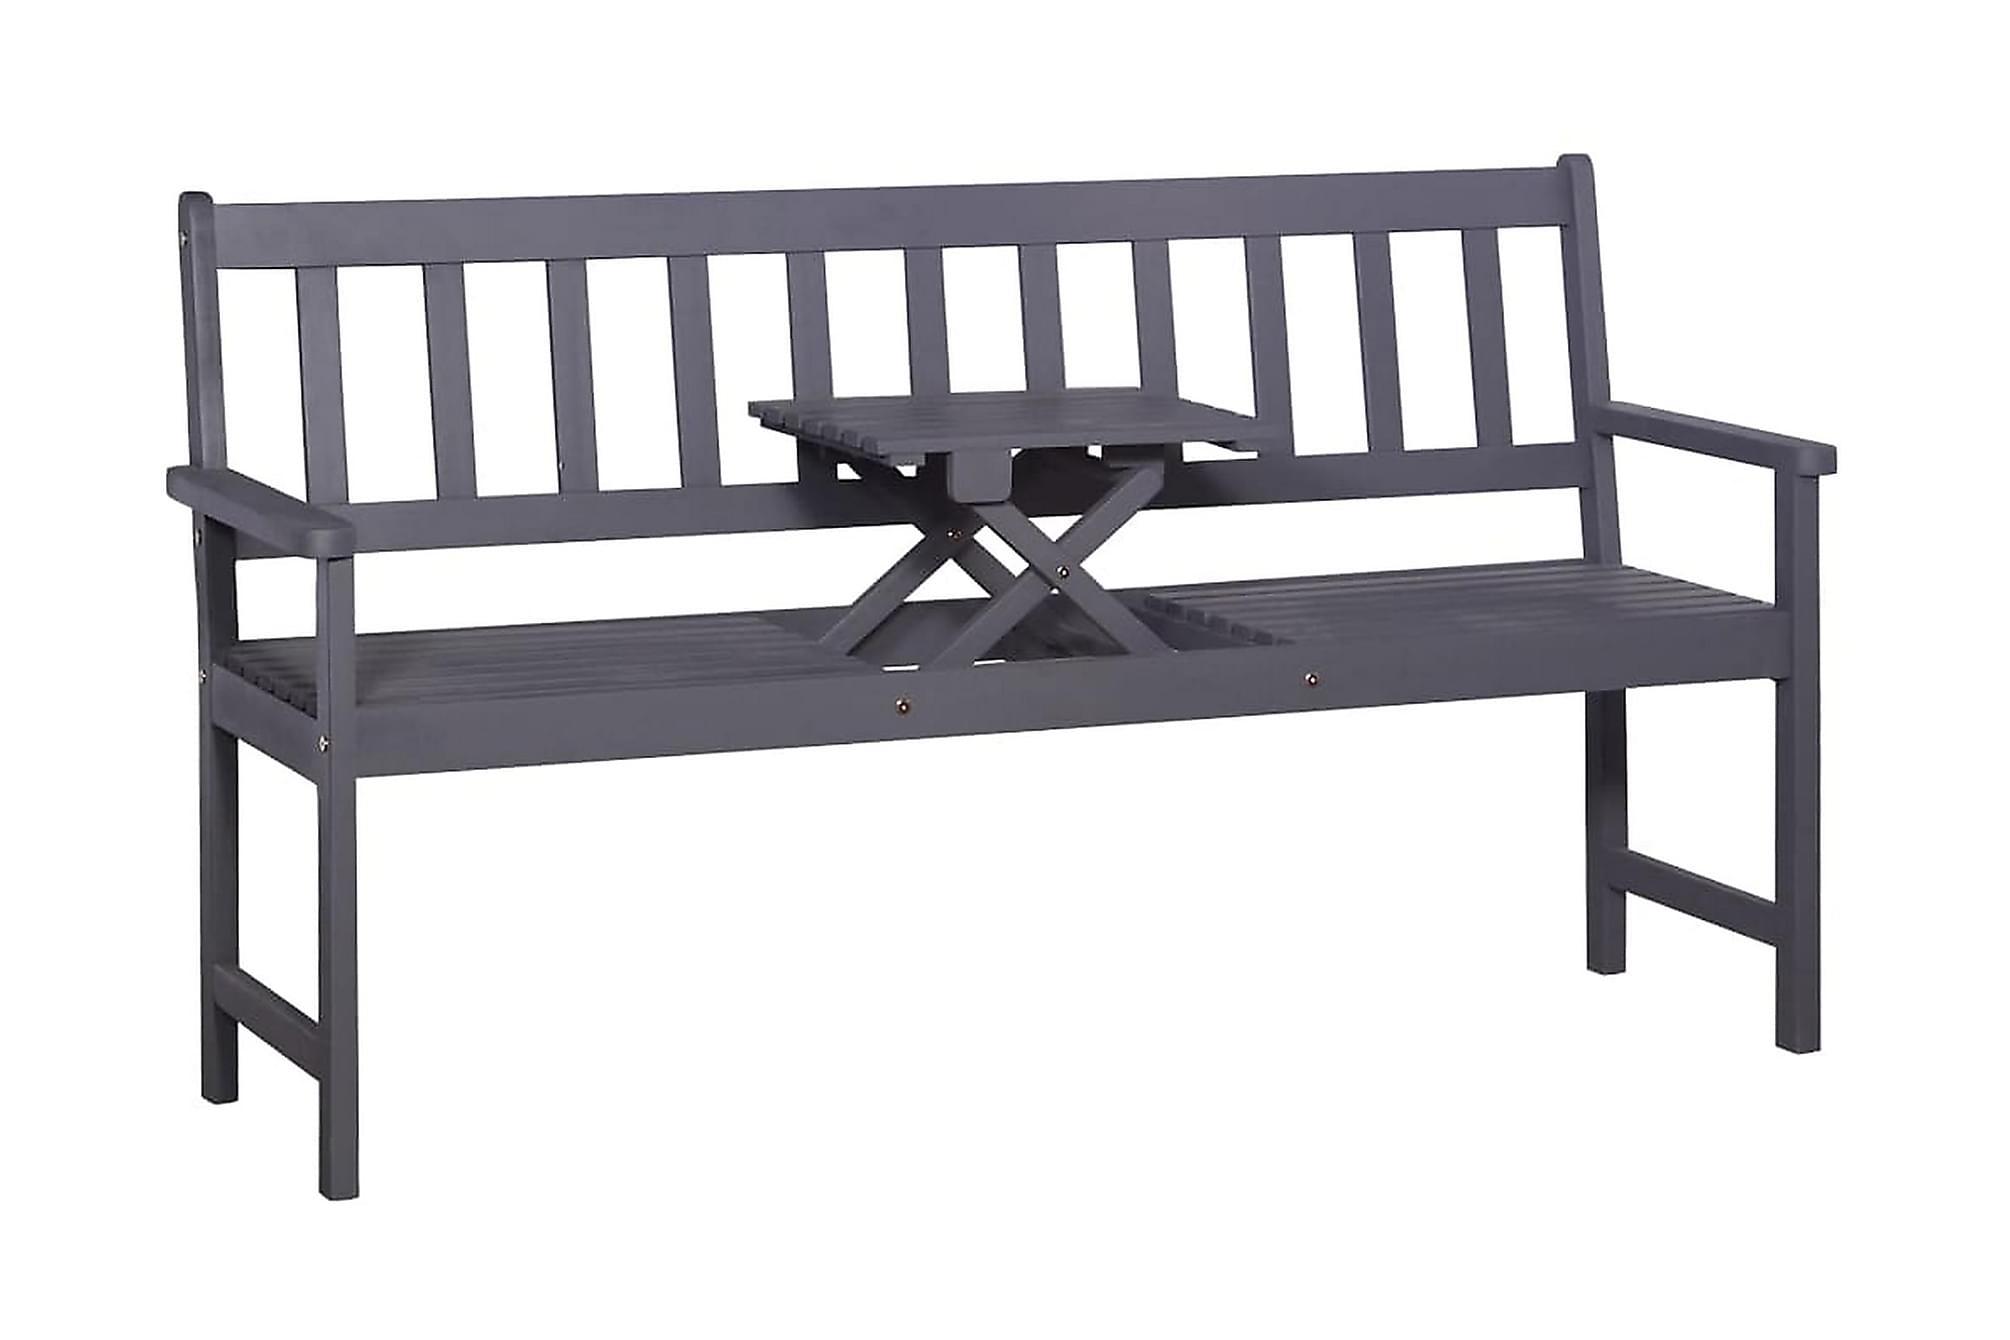 Trädgårdsbänk m. popup-bord 158 cm massivt akaciaträ grå